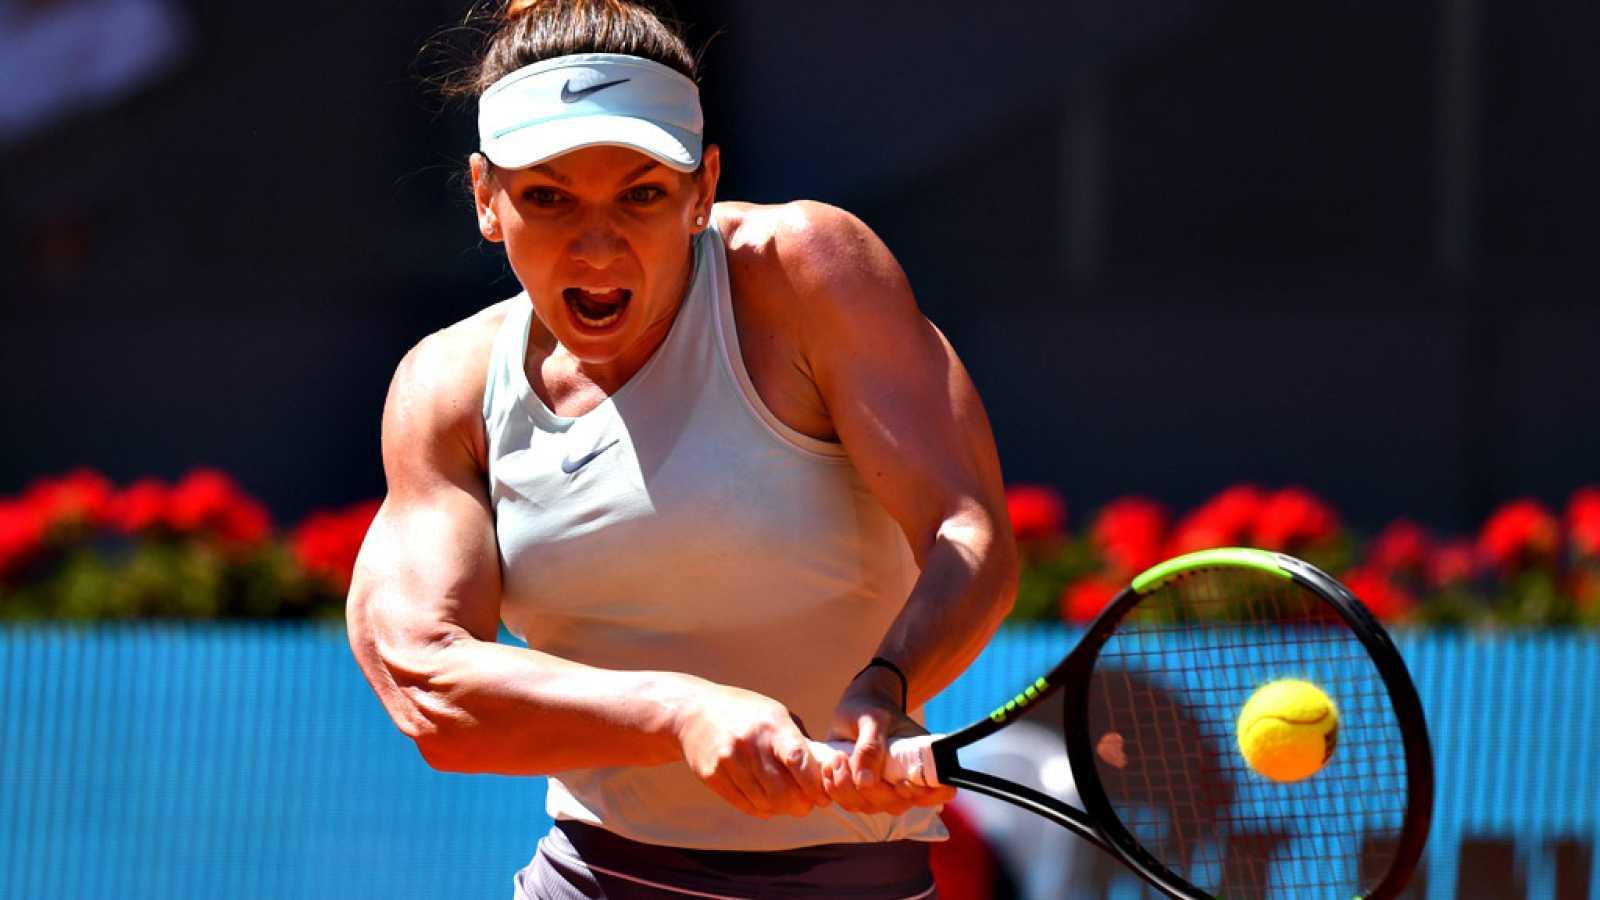 La rumana Simona Halep venció a la suiza Belinda Bencic, por 6-2, 6-7(2) y 6-0, en una hora y 57 minutos, y se clasificó para disputar por cuarta vez la final del Mutua Madrid Open, y por tanto se encuentra a una sola victoria de recuperar el puesto